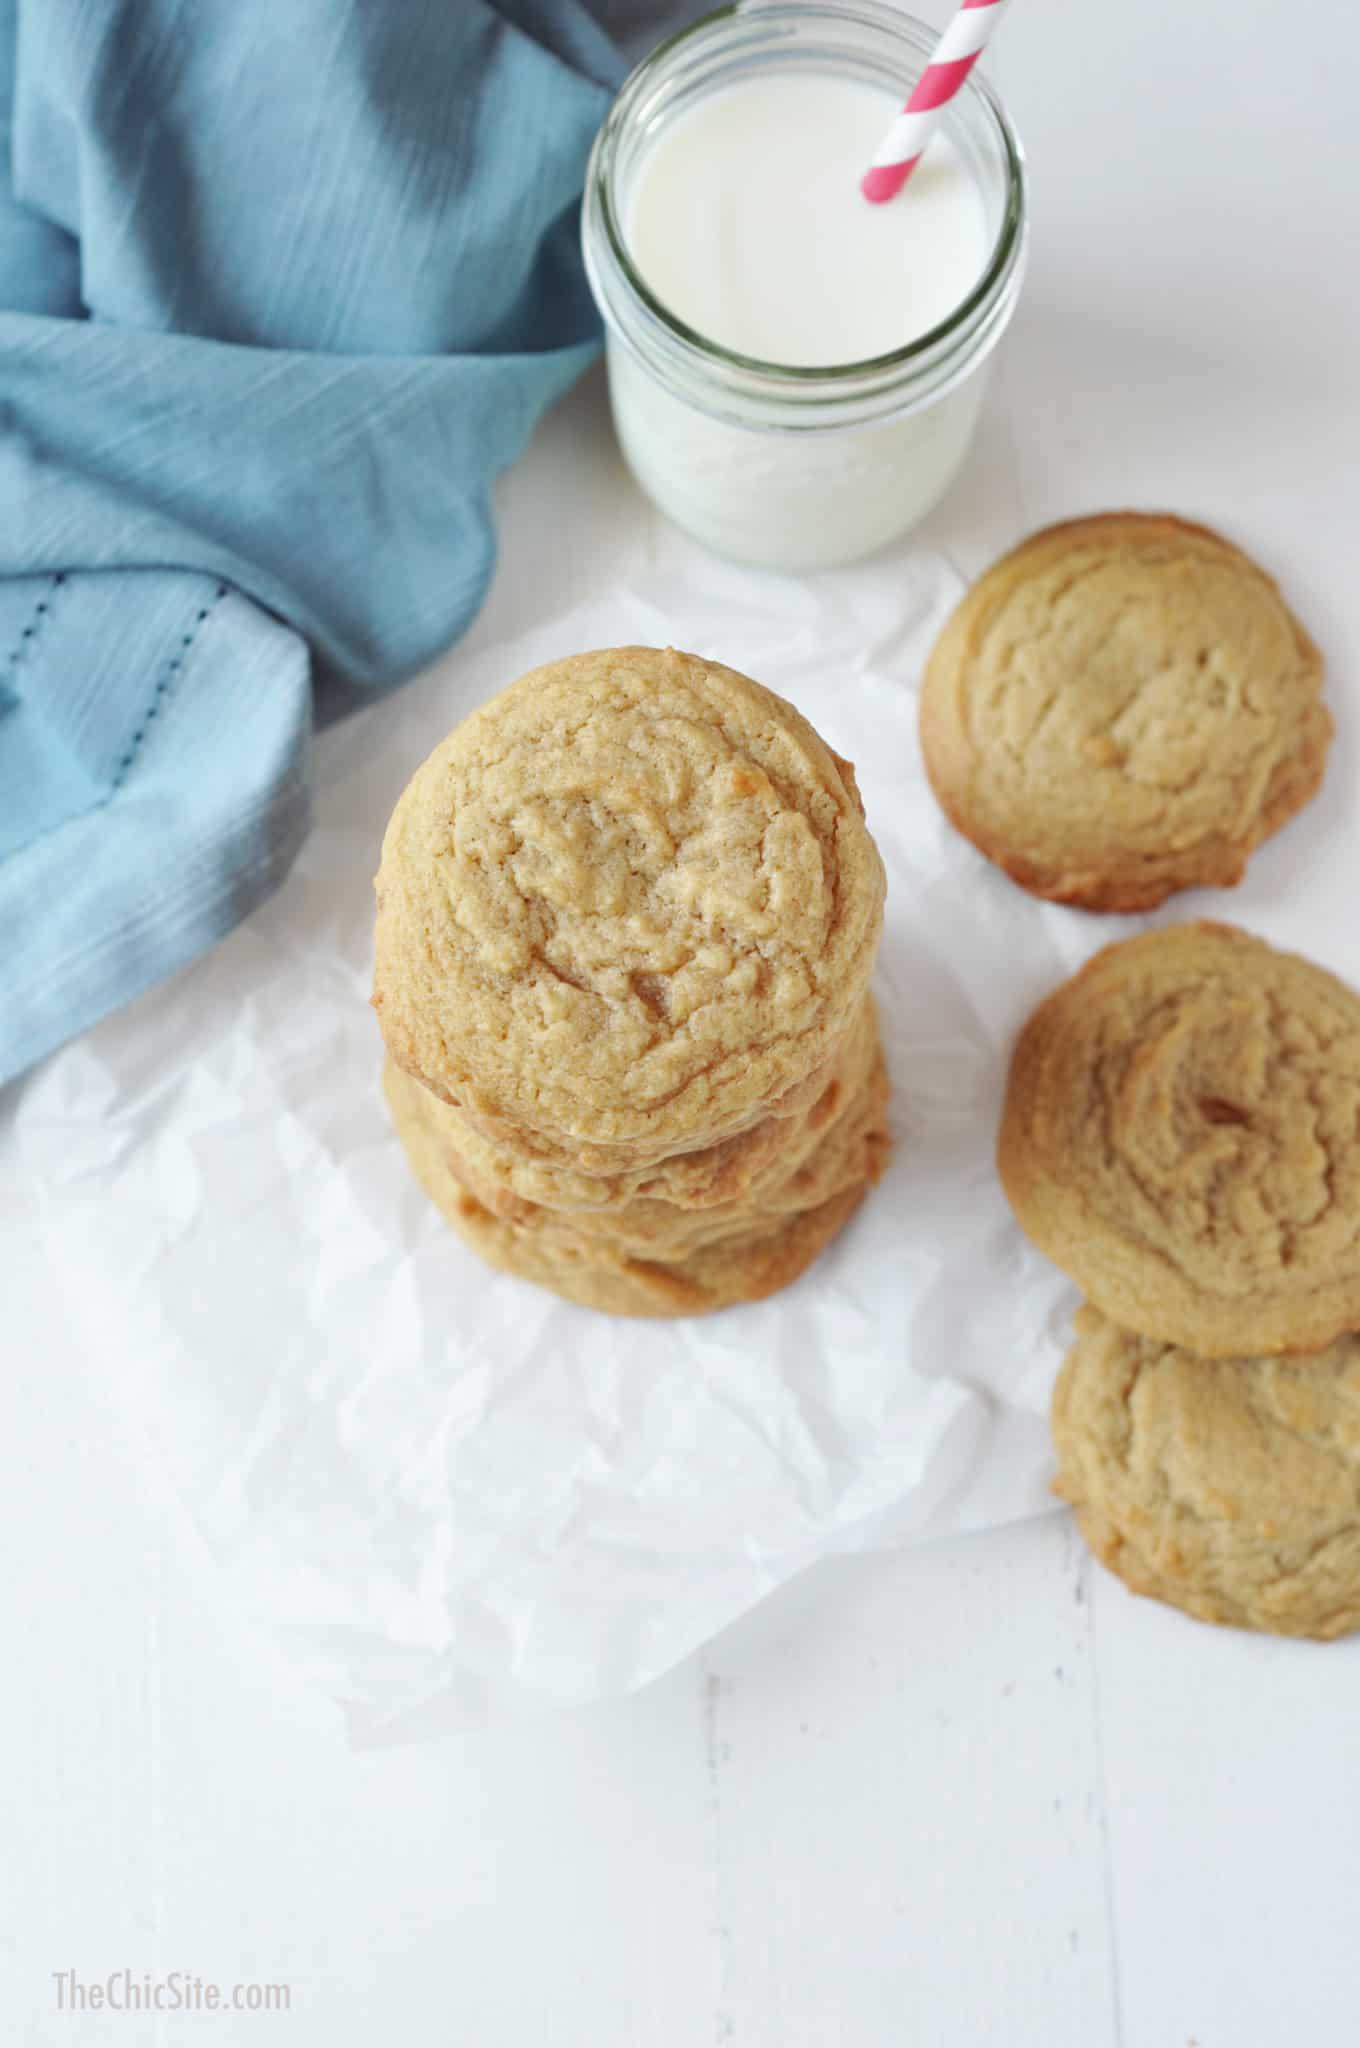 Unchocolate chip cookies